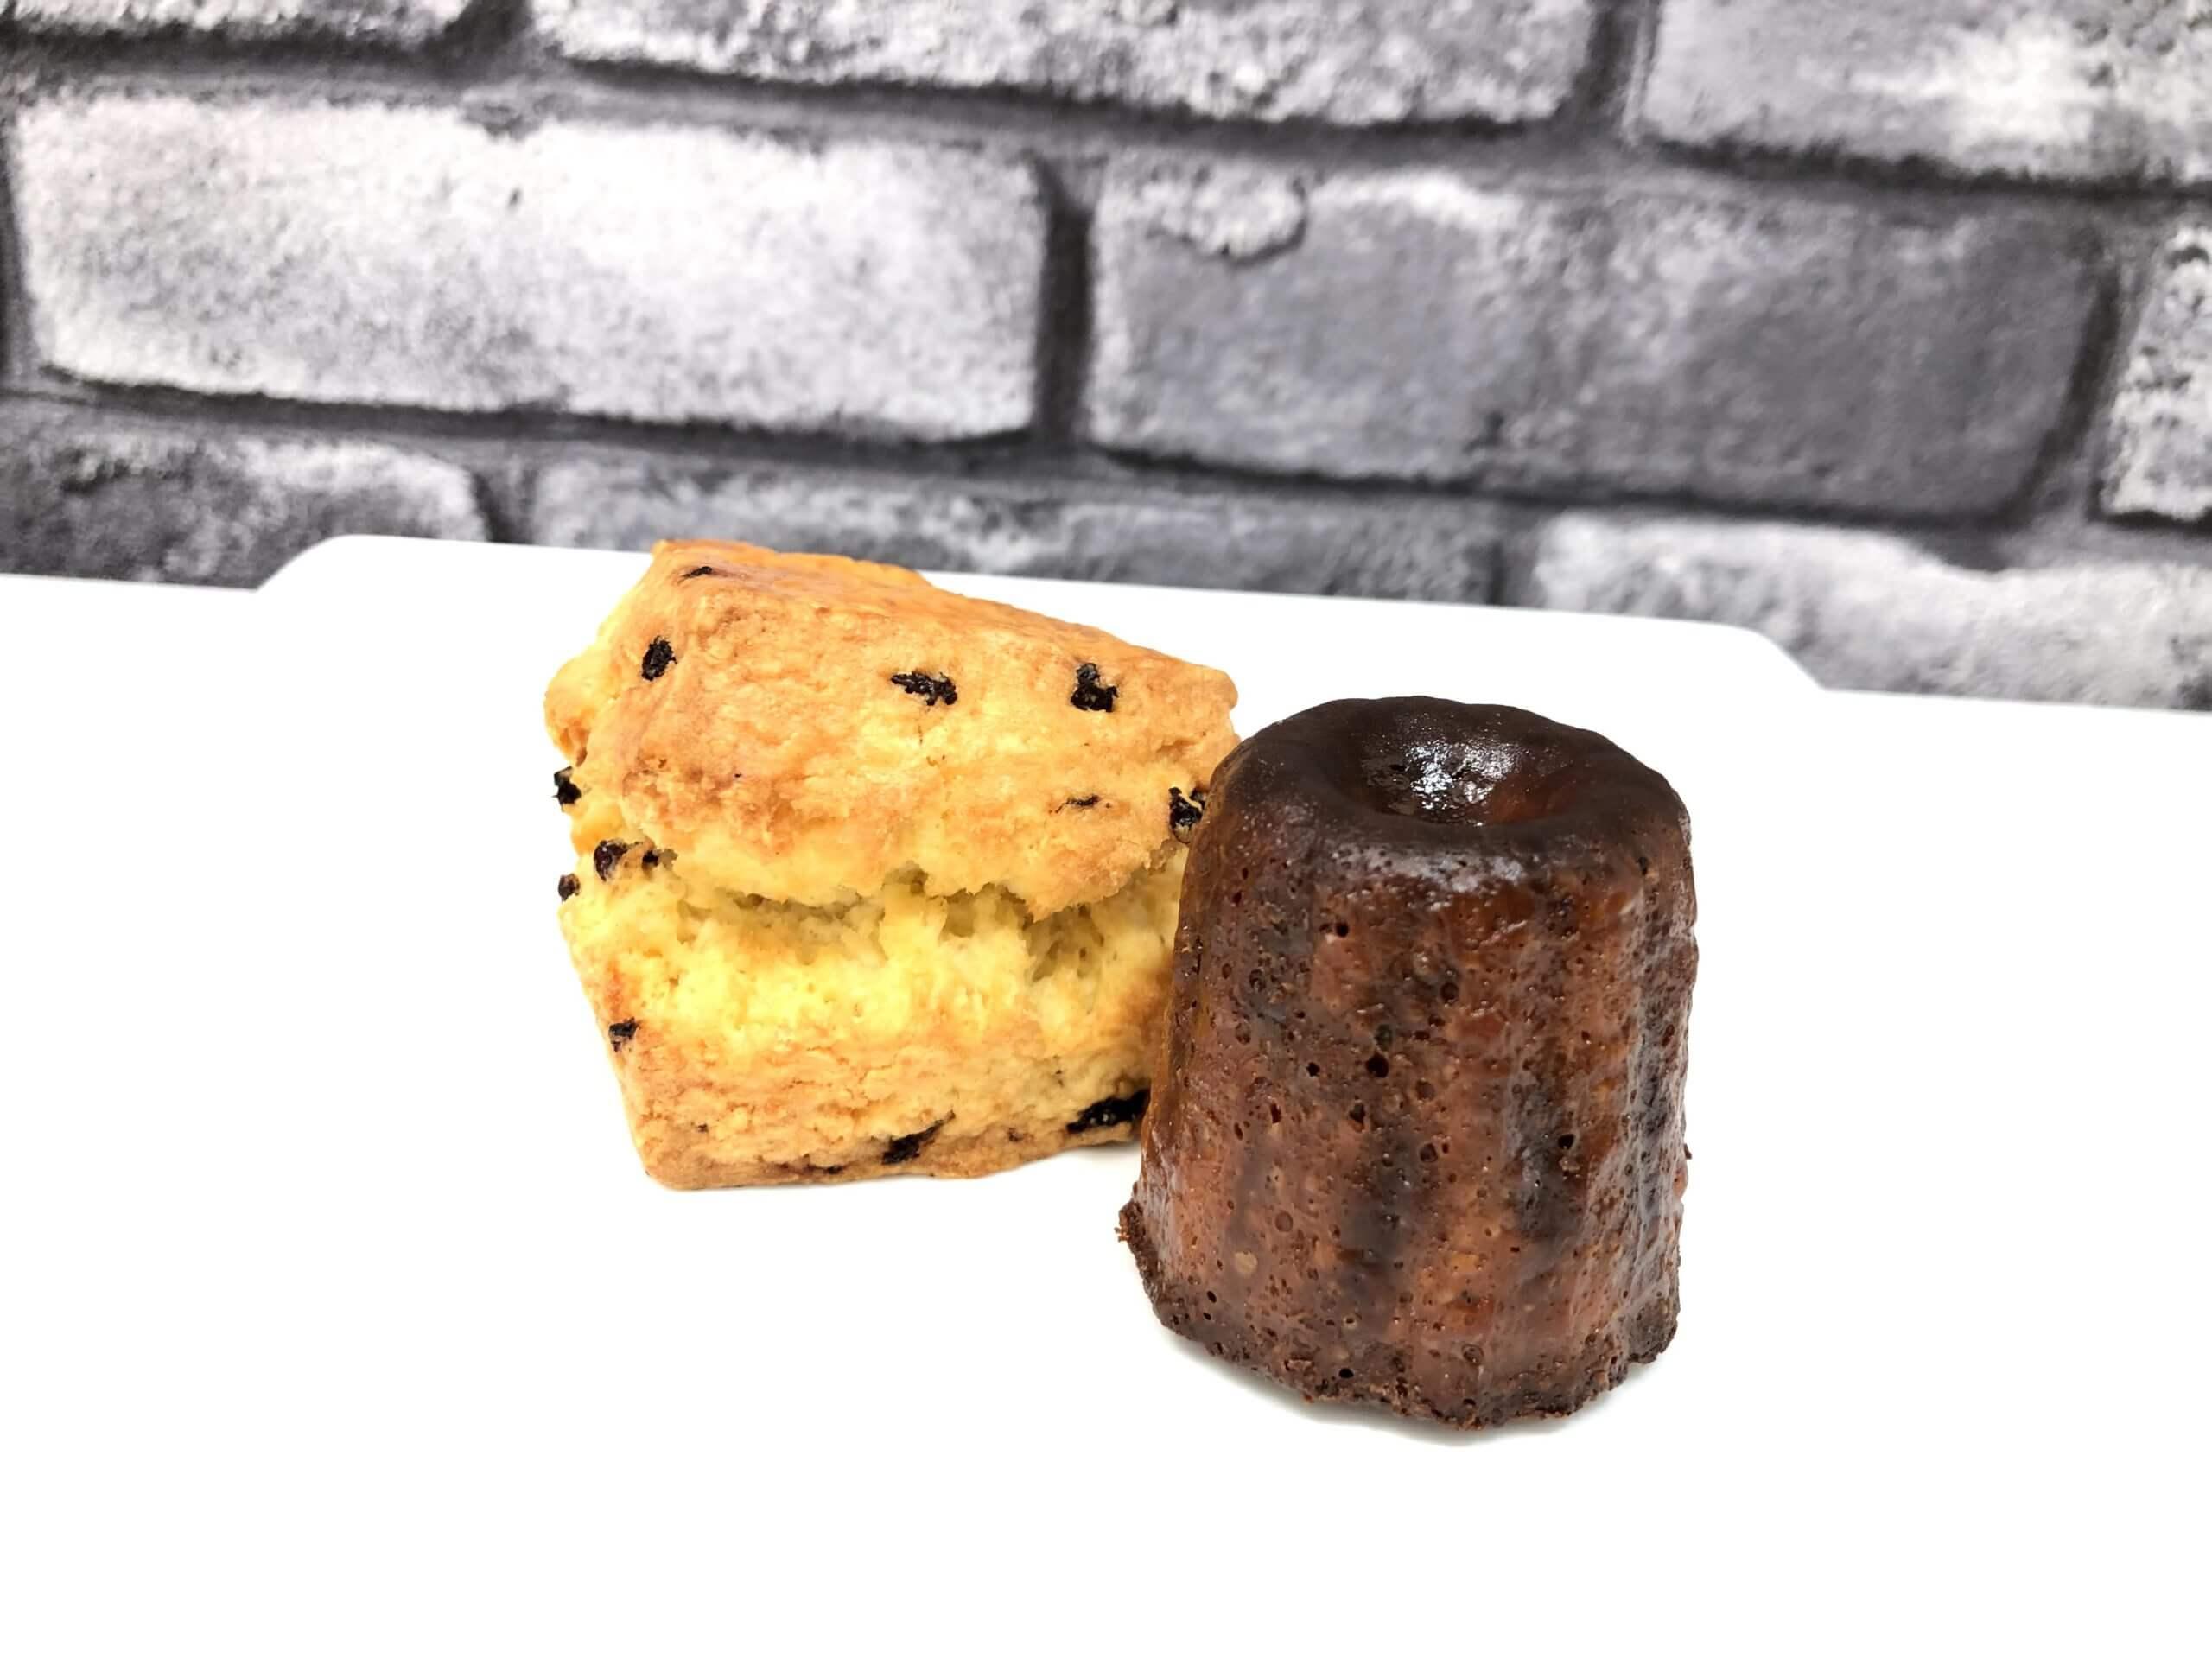 【ニュイテジュール】雰囲気から美味しい焼き菓子からパンを揃えてるパン屋さん《熊本市東区東野》